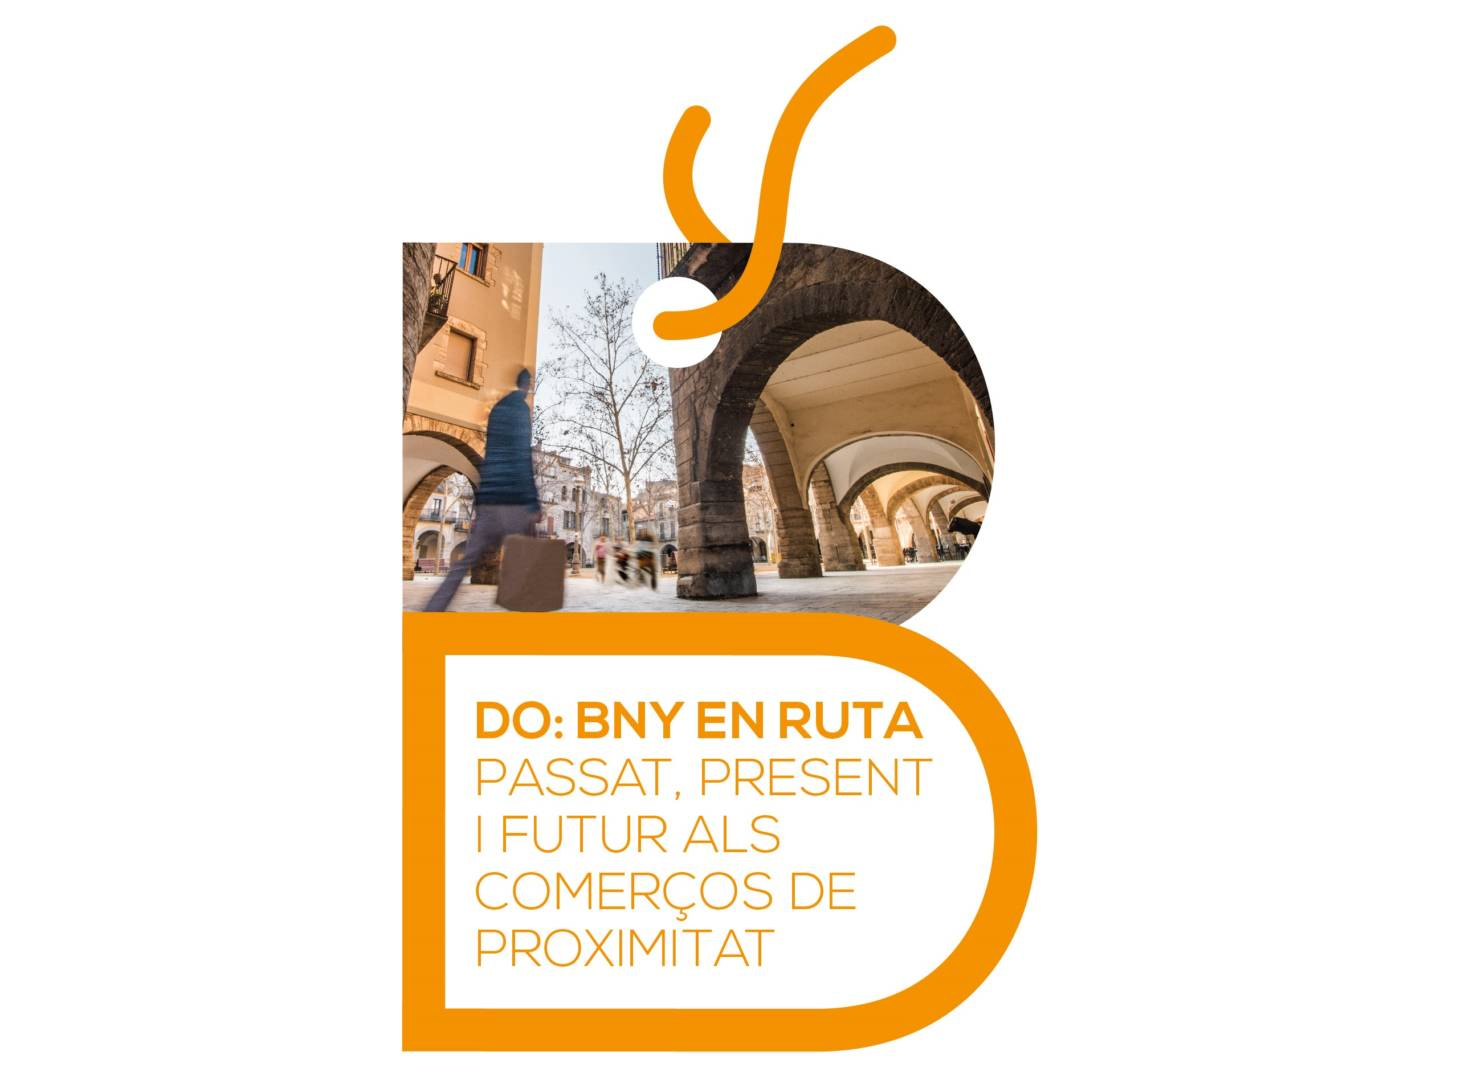 Exposició: D.O. BNY en ruta - Passat, present i futur als comerços de proximitat